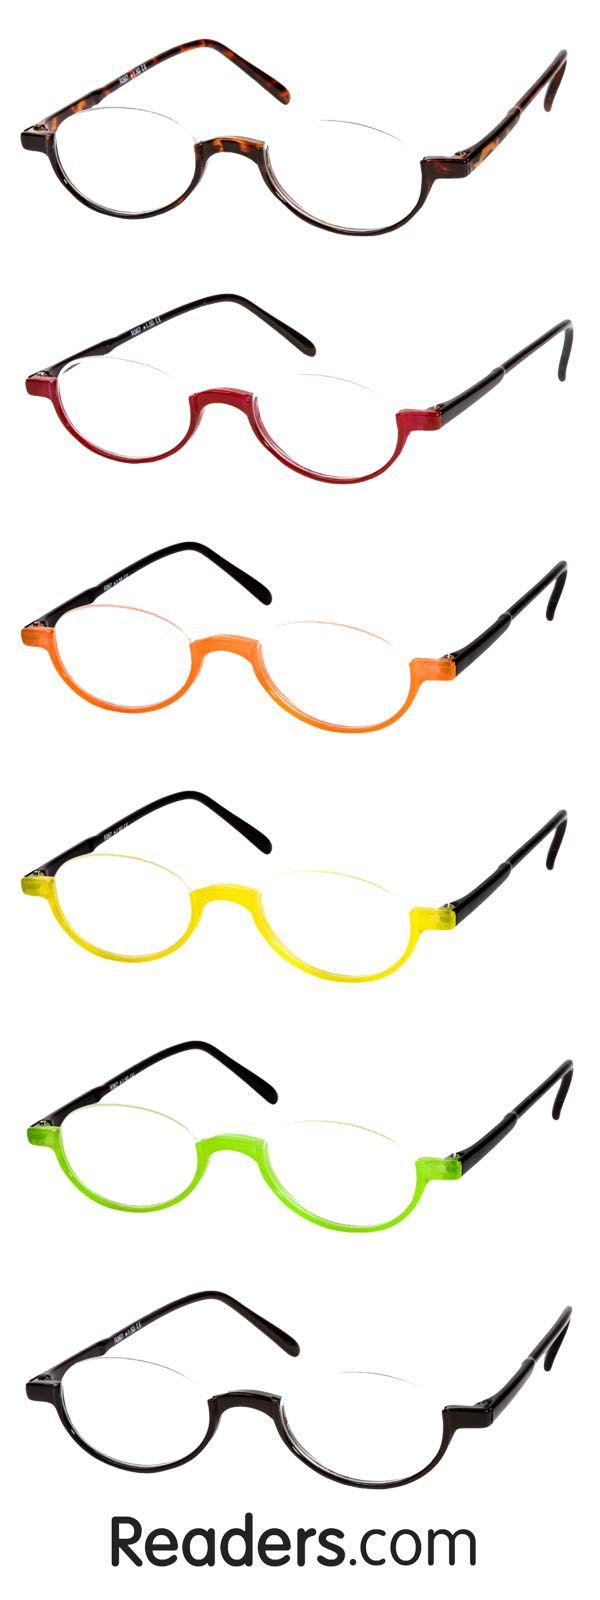 35 best images about Eye wear on Pinterest | Eyewear, Oakley and ...